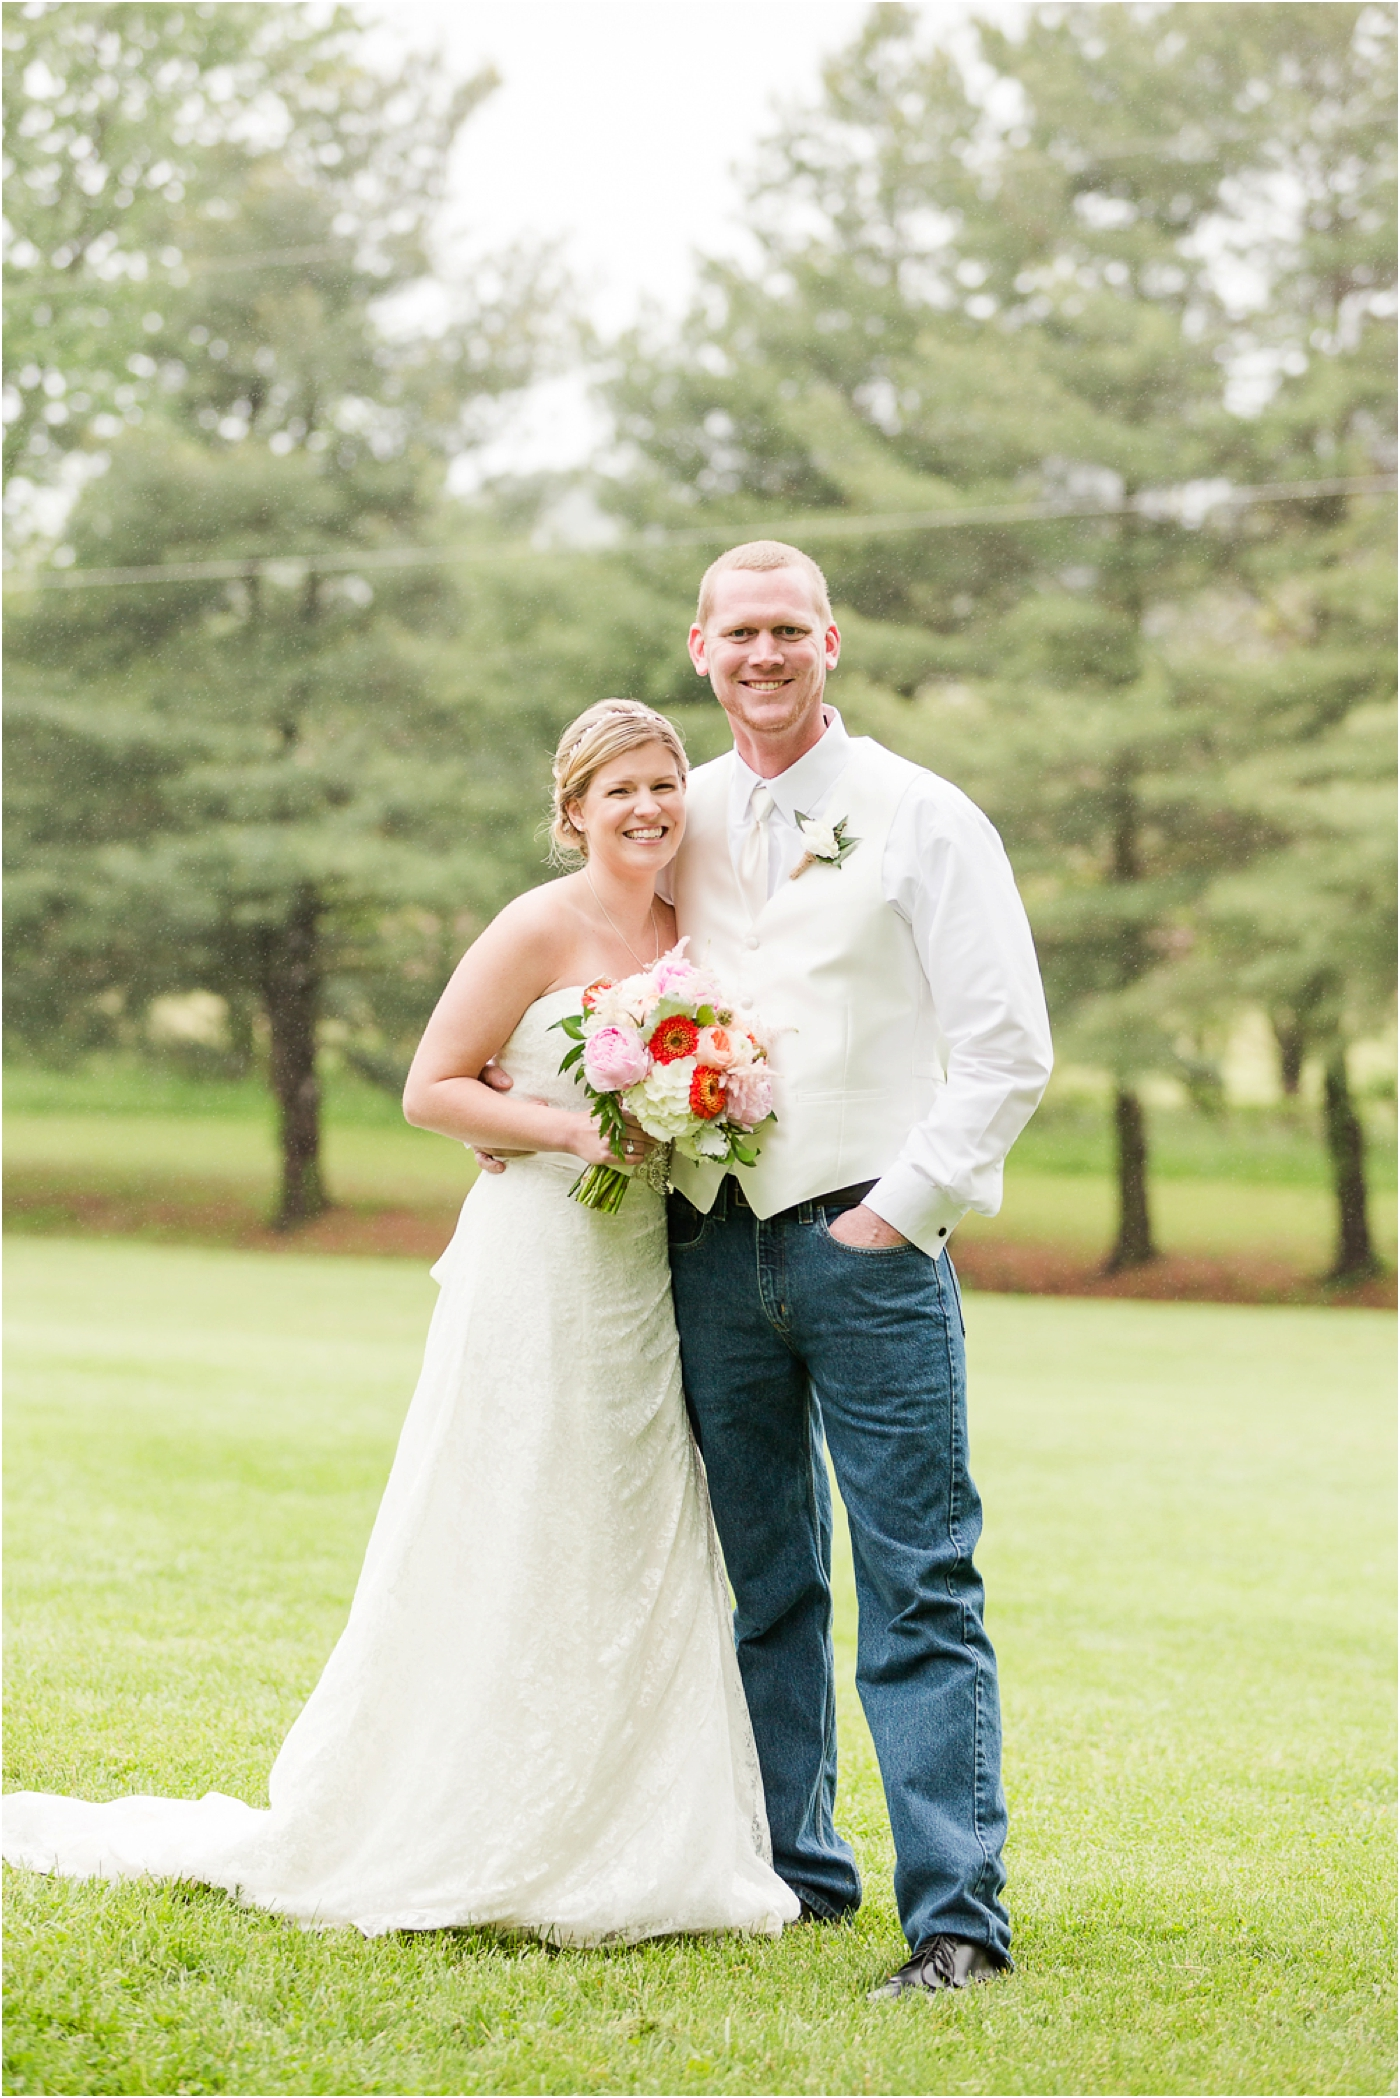 Royer-House-Wedding-Photos-57.jpg